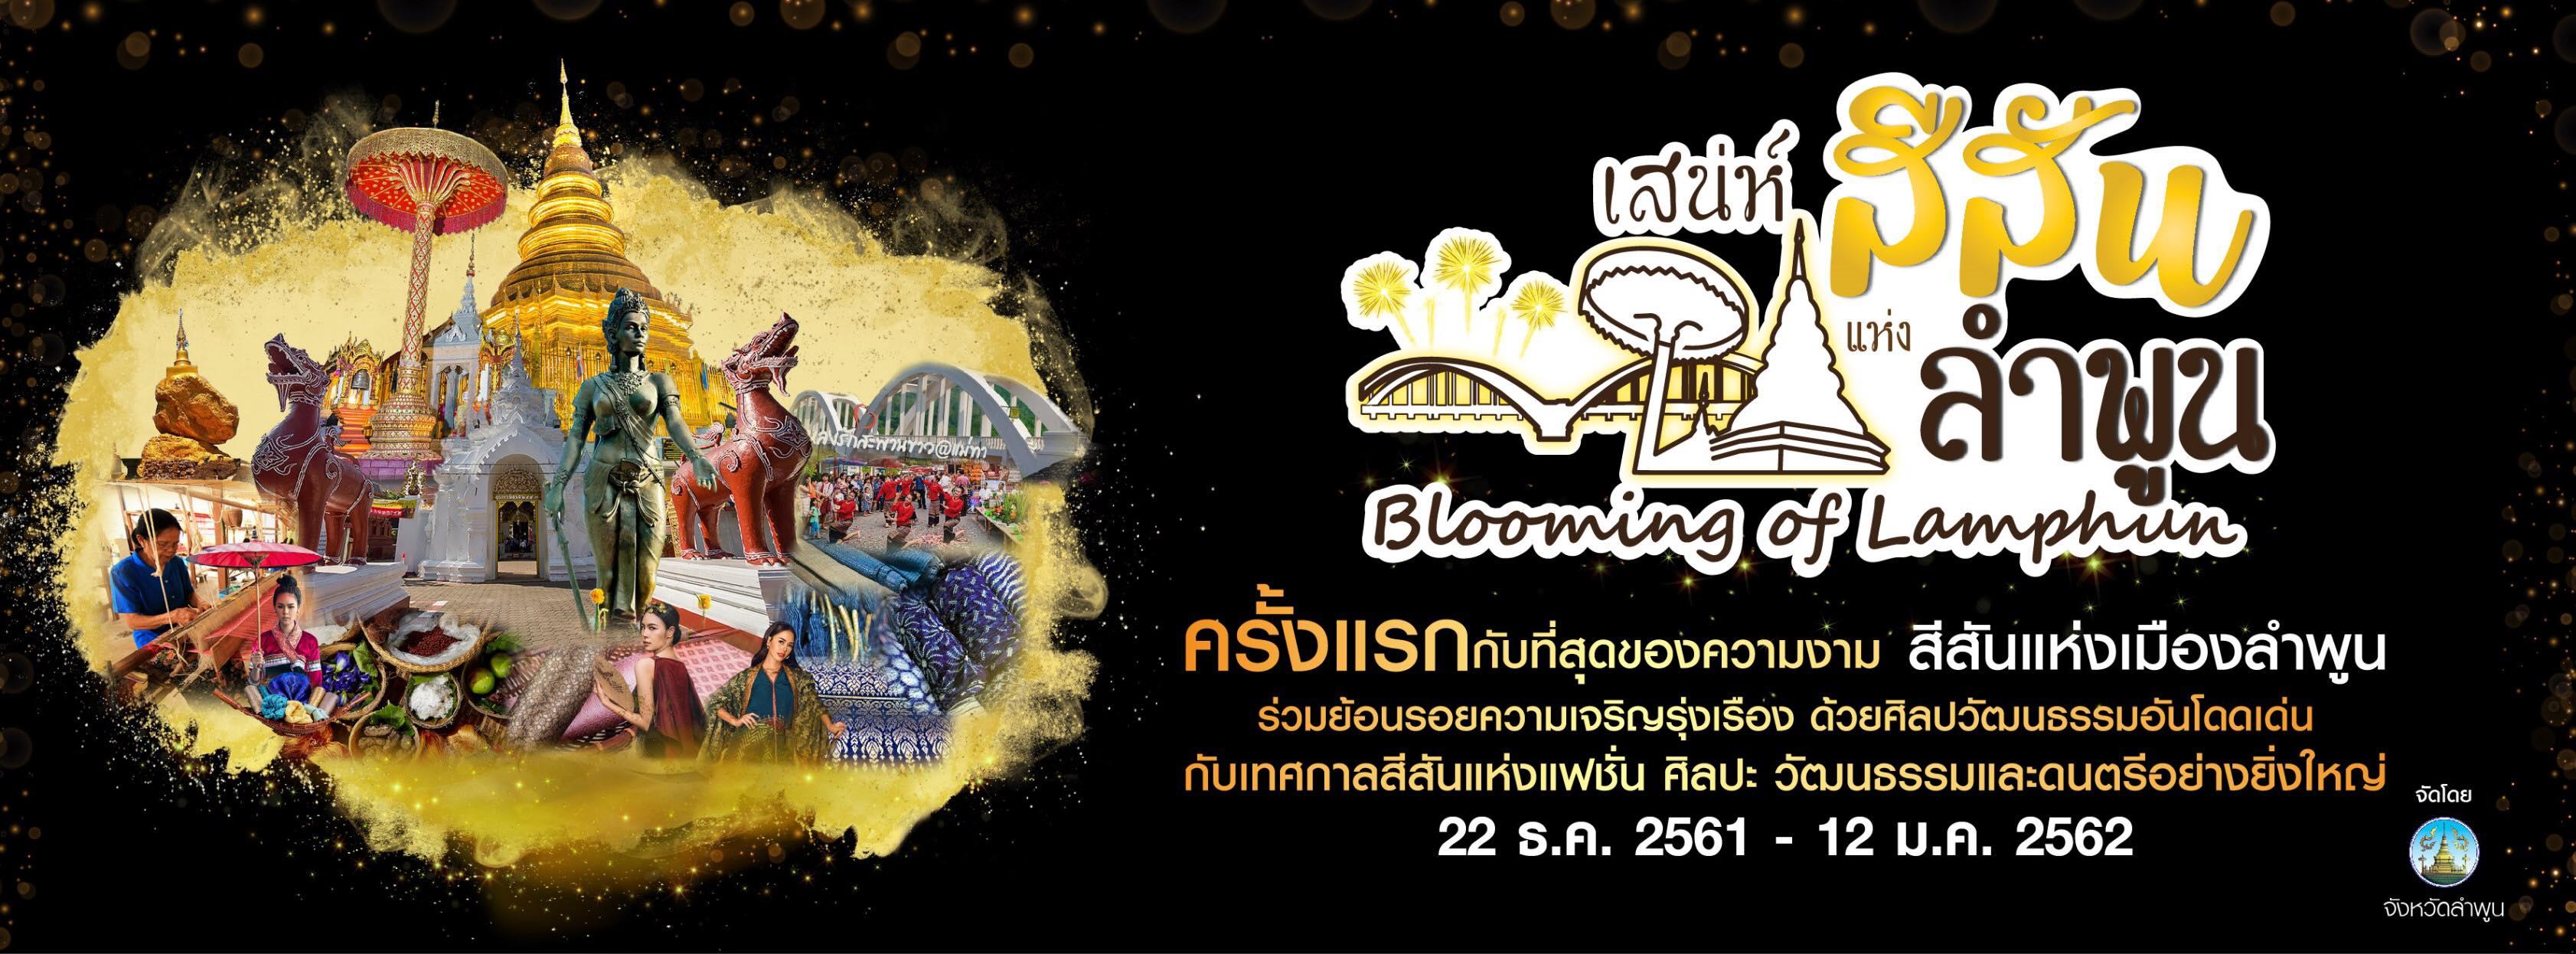 เสน่ห์สีสันแห่งลำพูน Blooming Of Lamphun 22 ธันวาคม 2561 - 12 มกราคม 2562 ณ บริเวณศาลากลางจังหวัดลำพูน